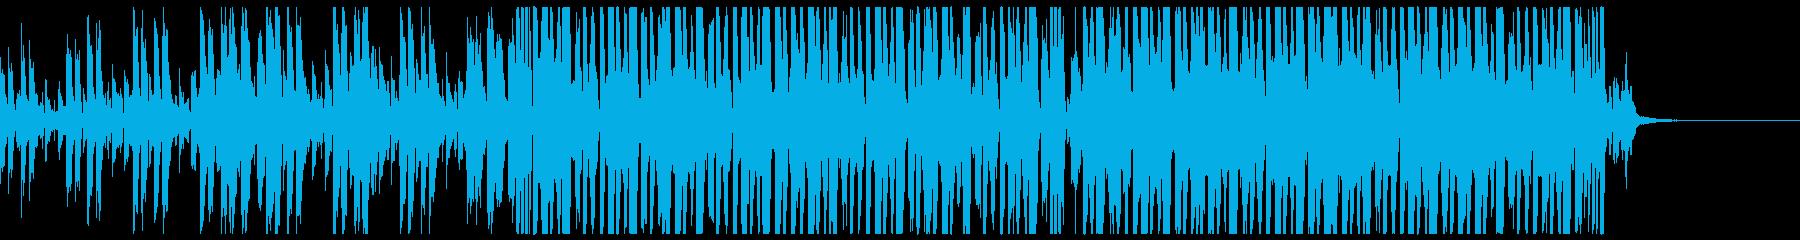 刻みの速い四つ打ちの再生済みの波形